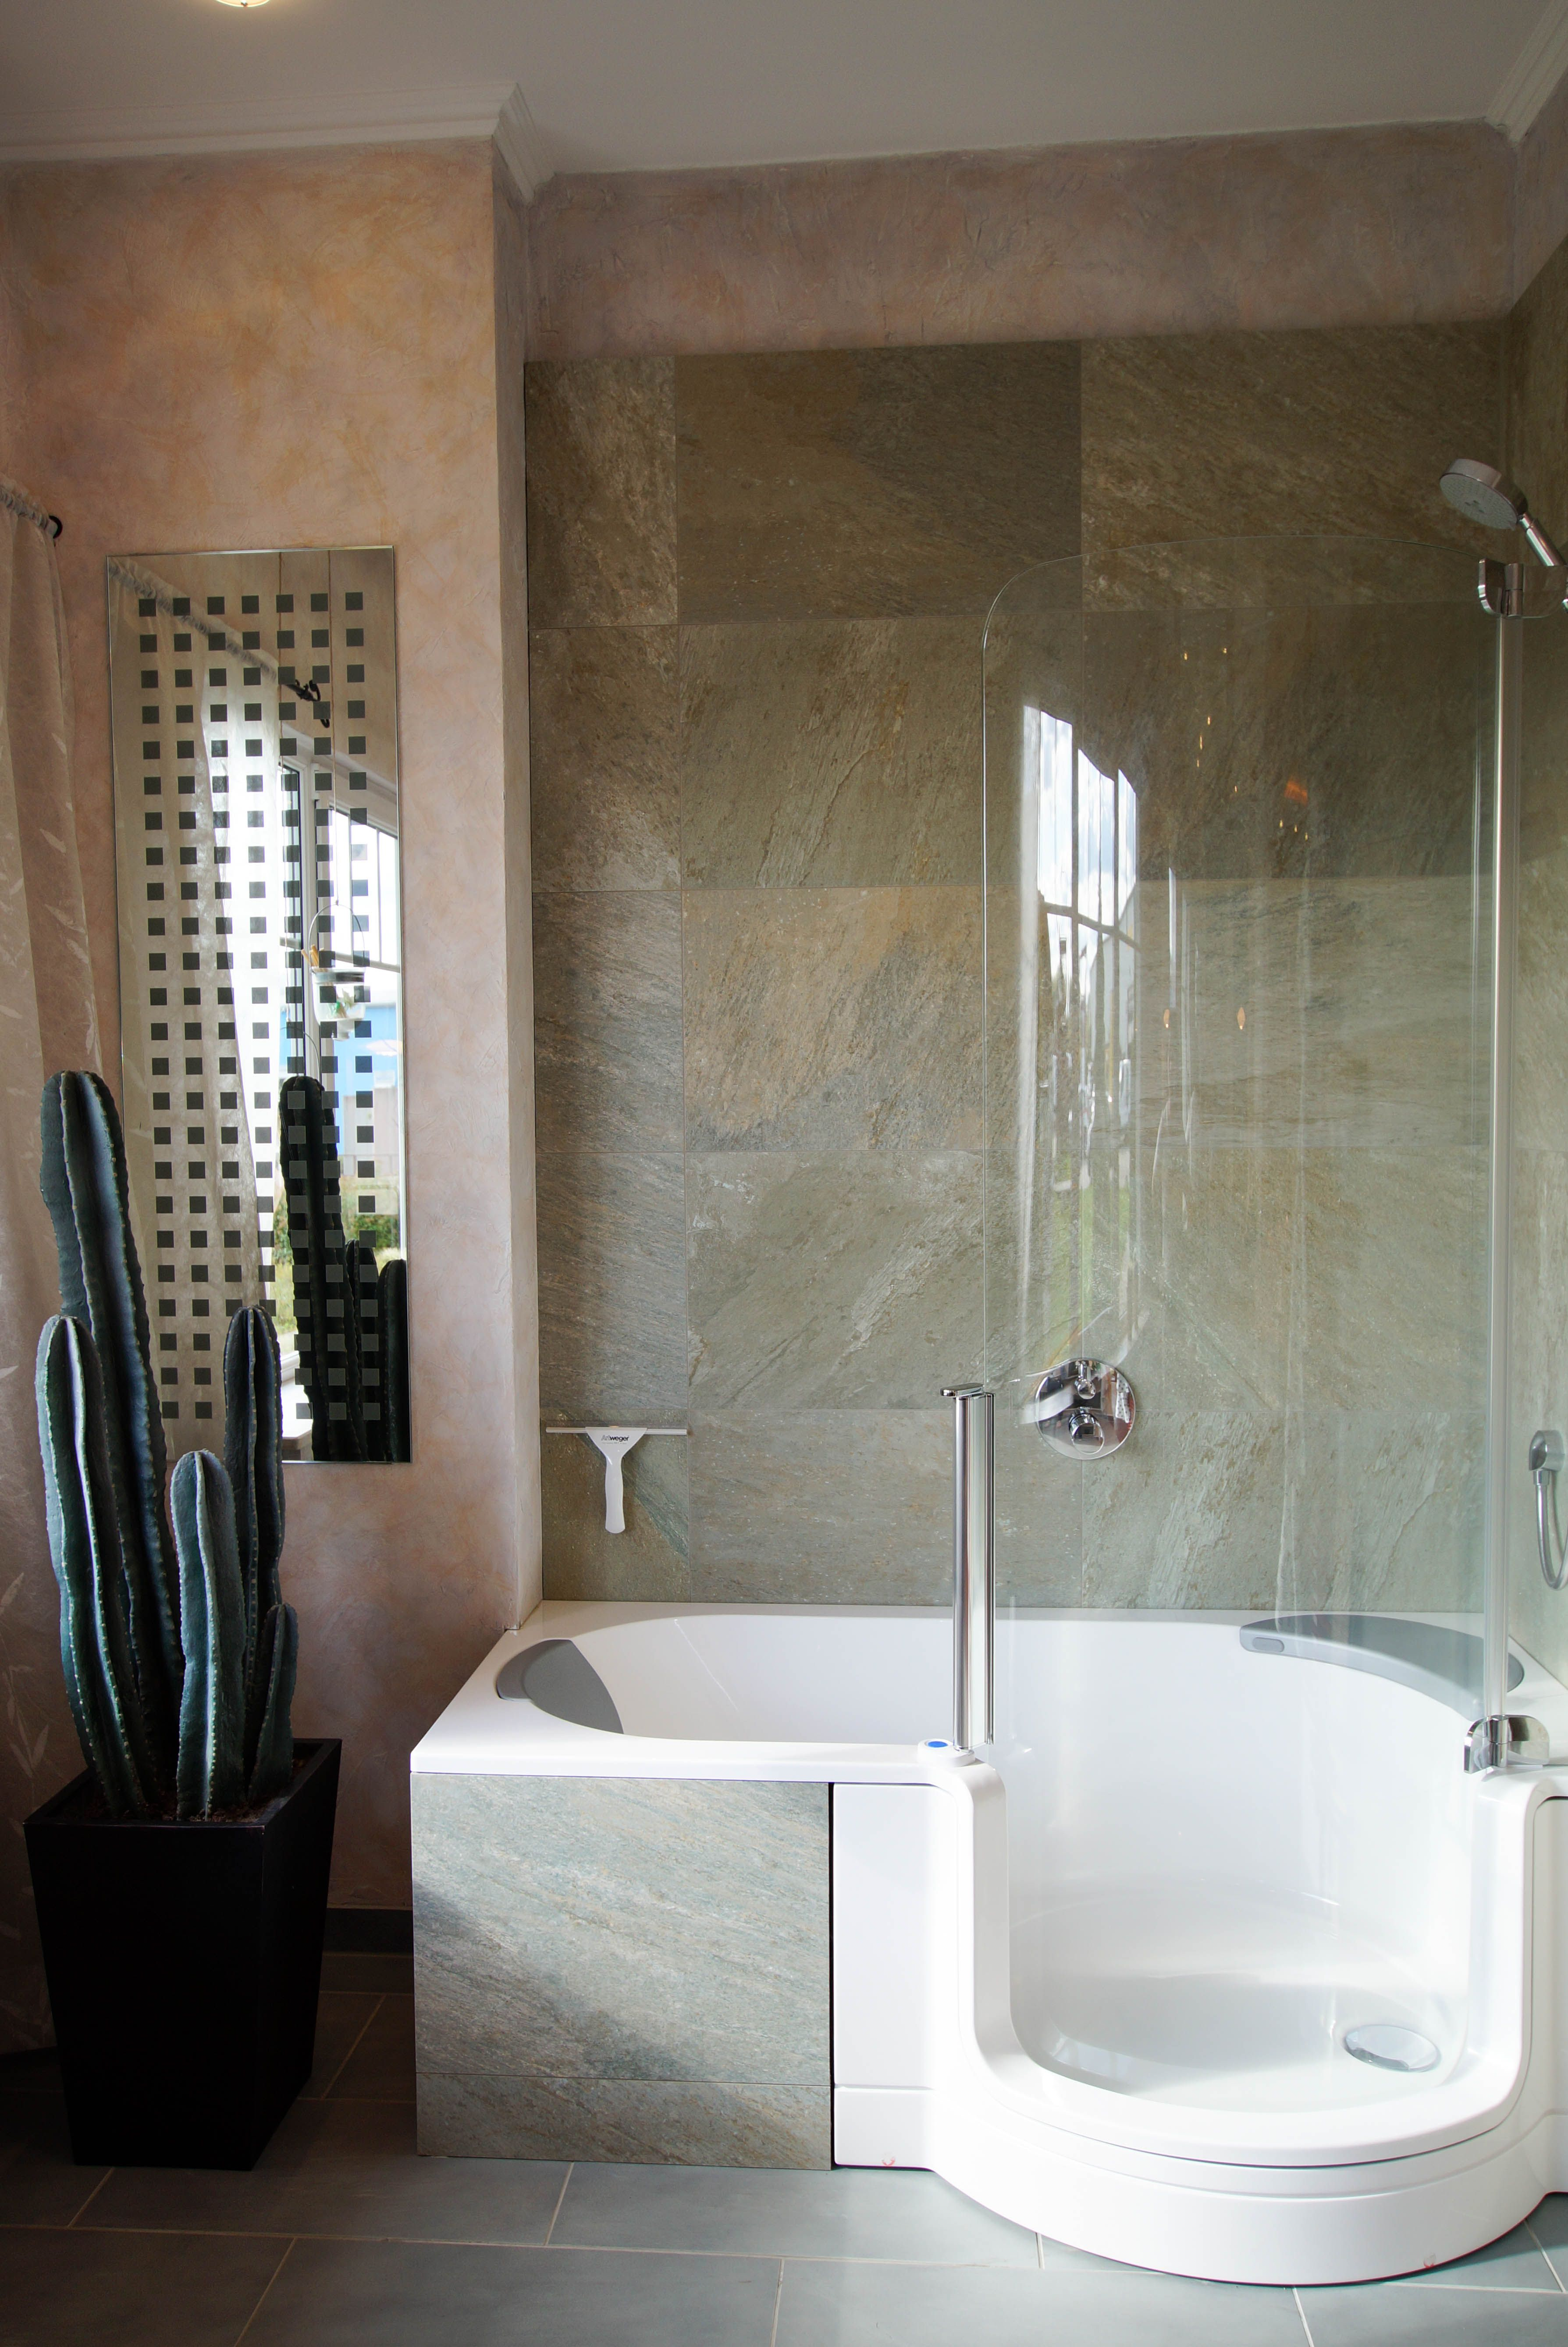 Badausstellung Potsdam   Badewanne mit dusche, Wanne mit ...